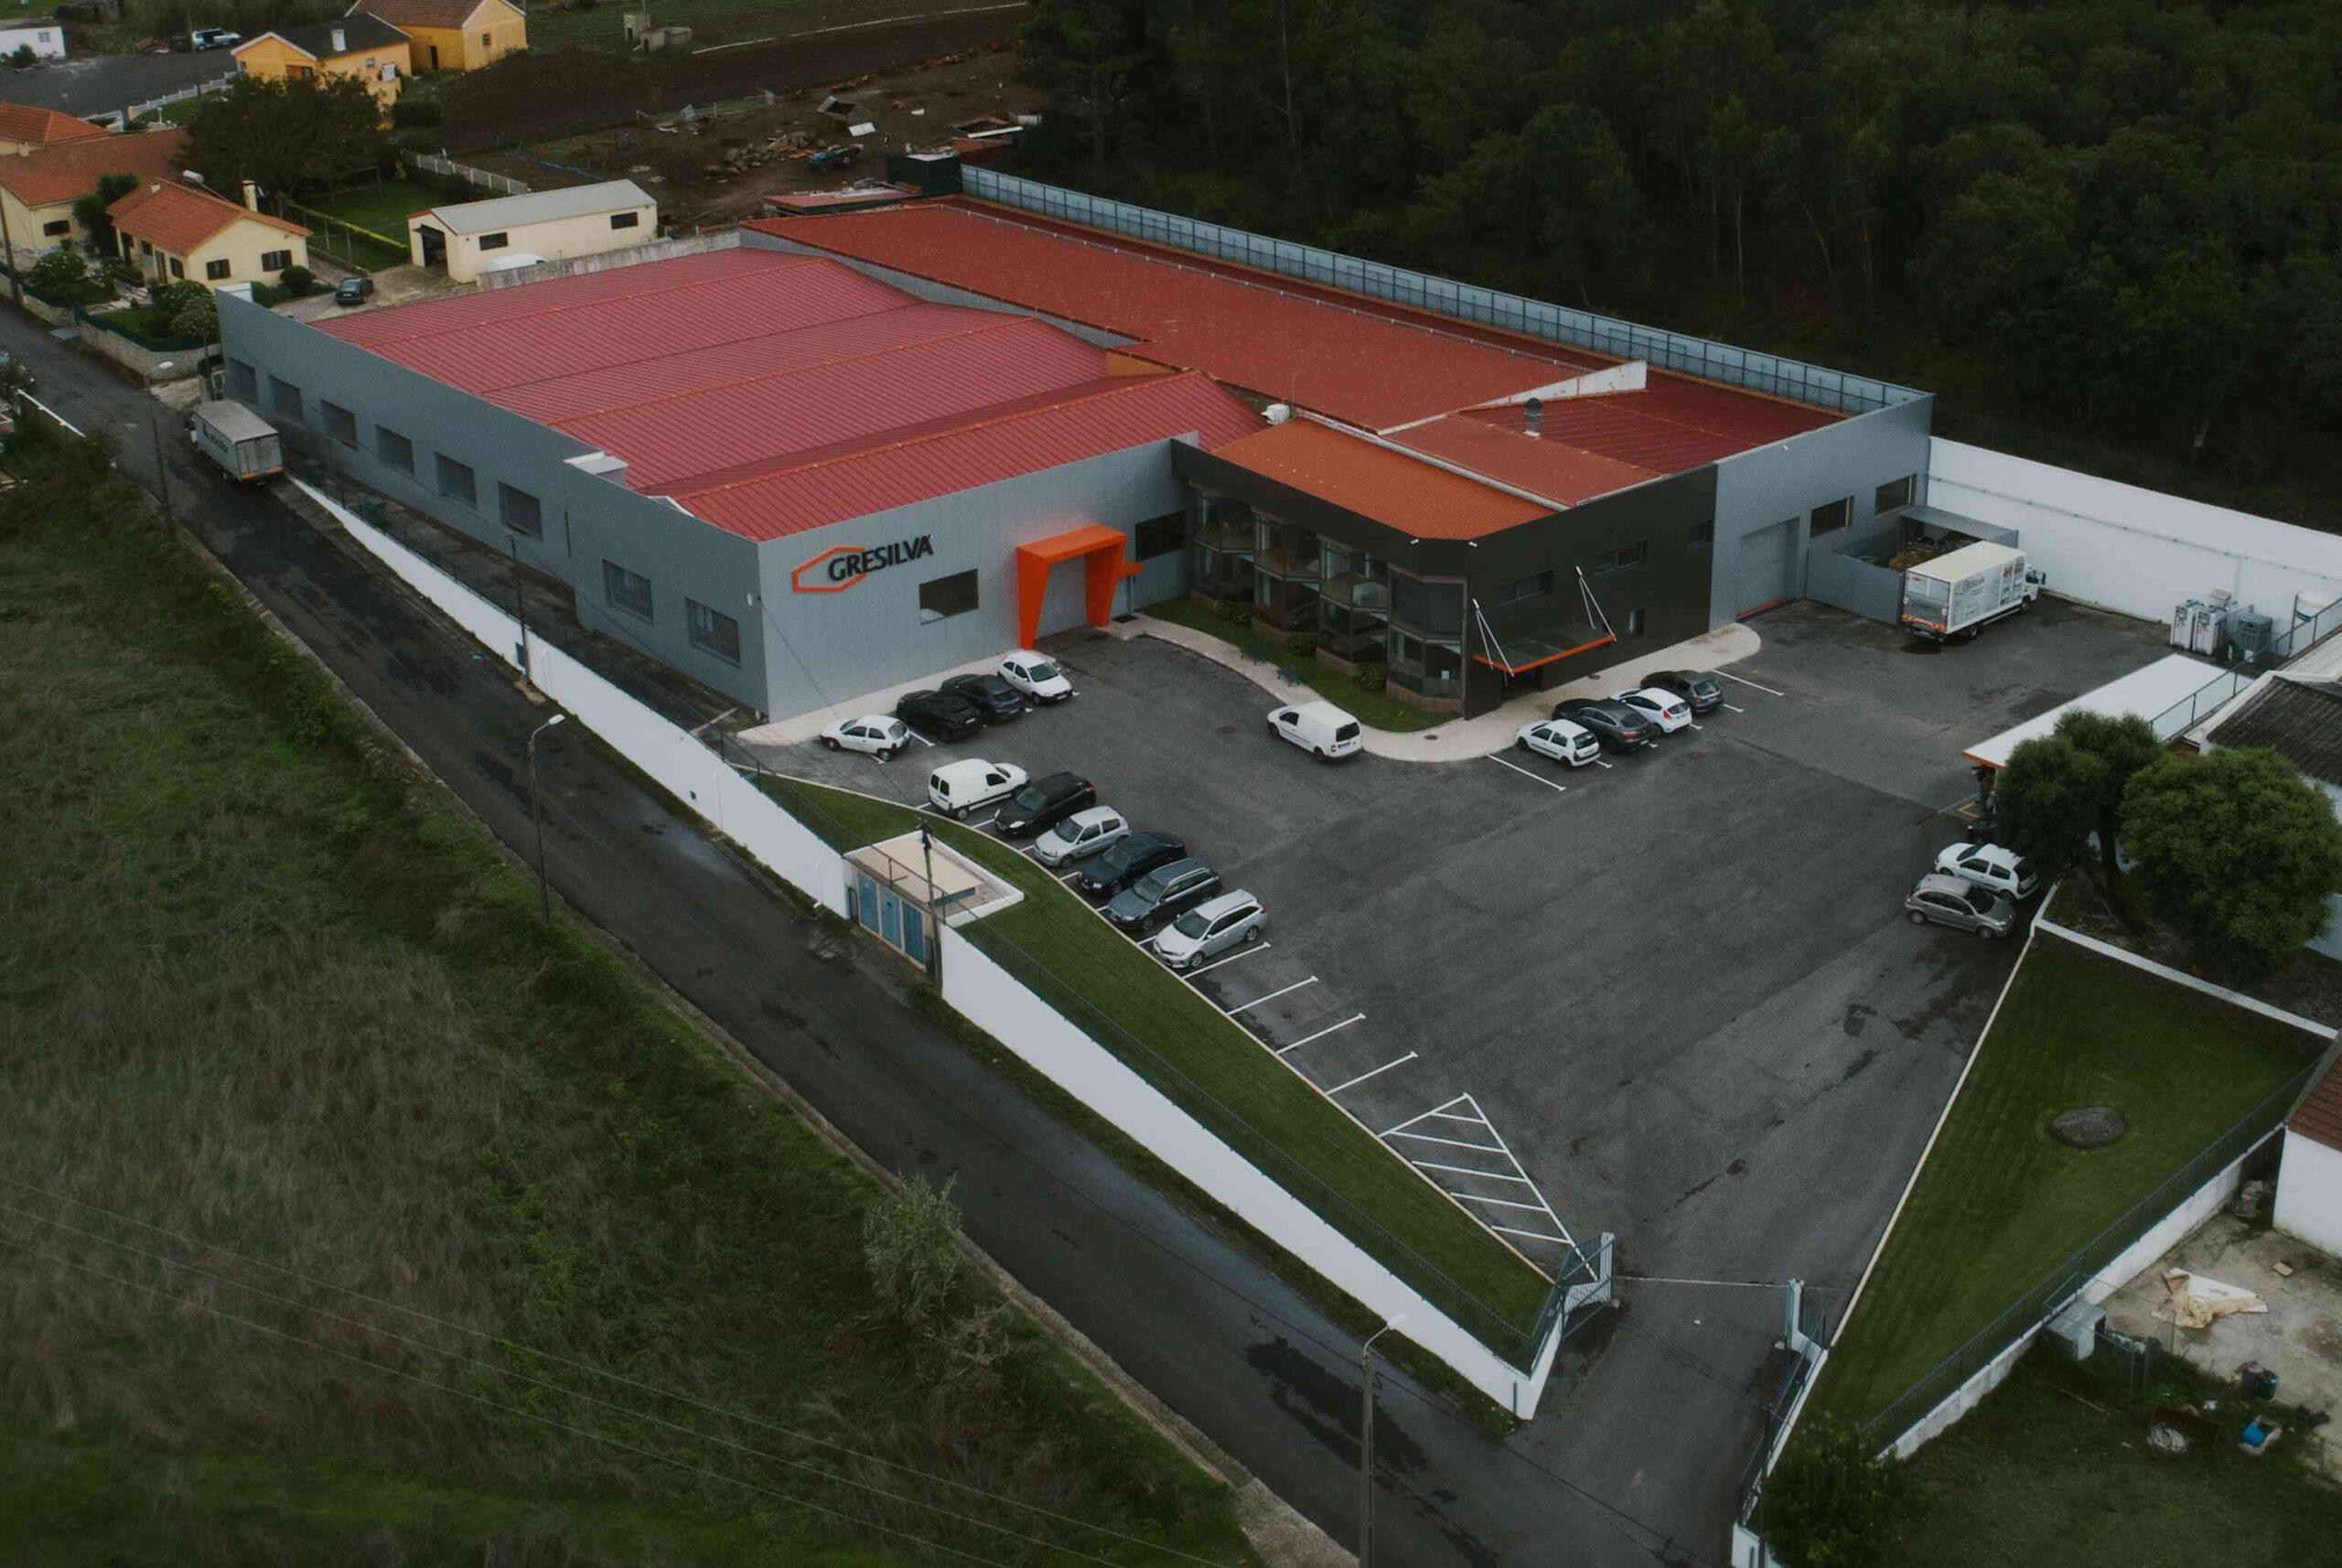 Vista área da sede da Gresilva, em Almargem do Bispo, Sintra